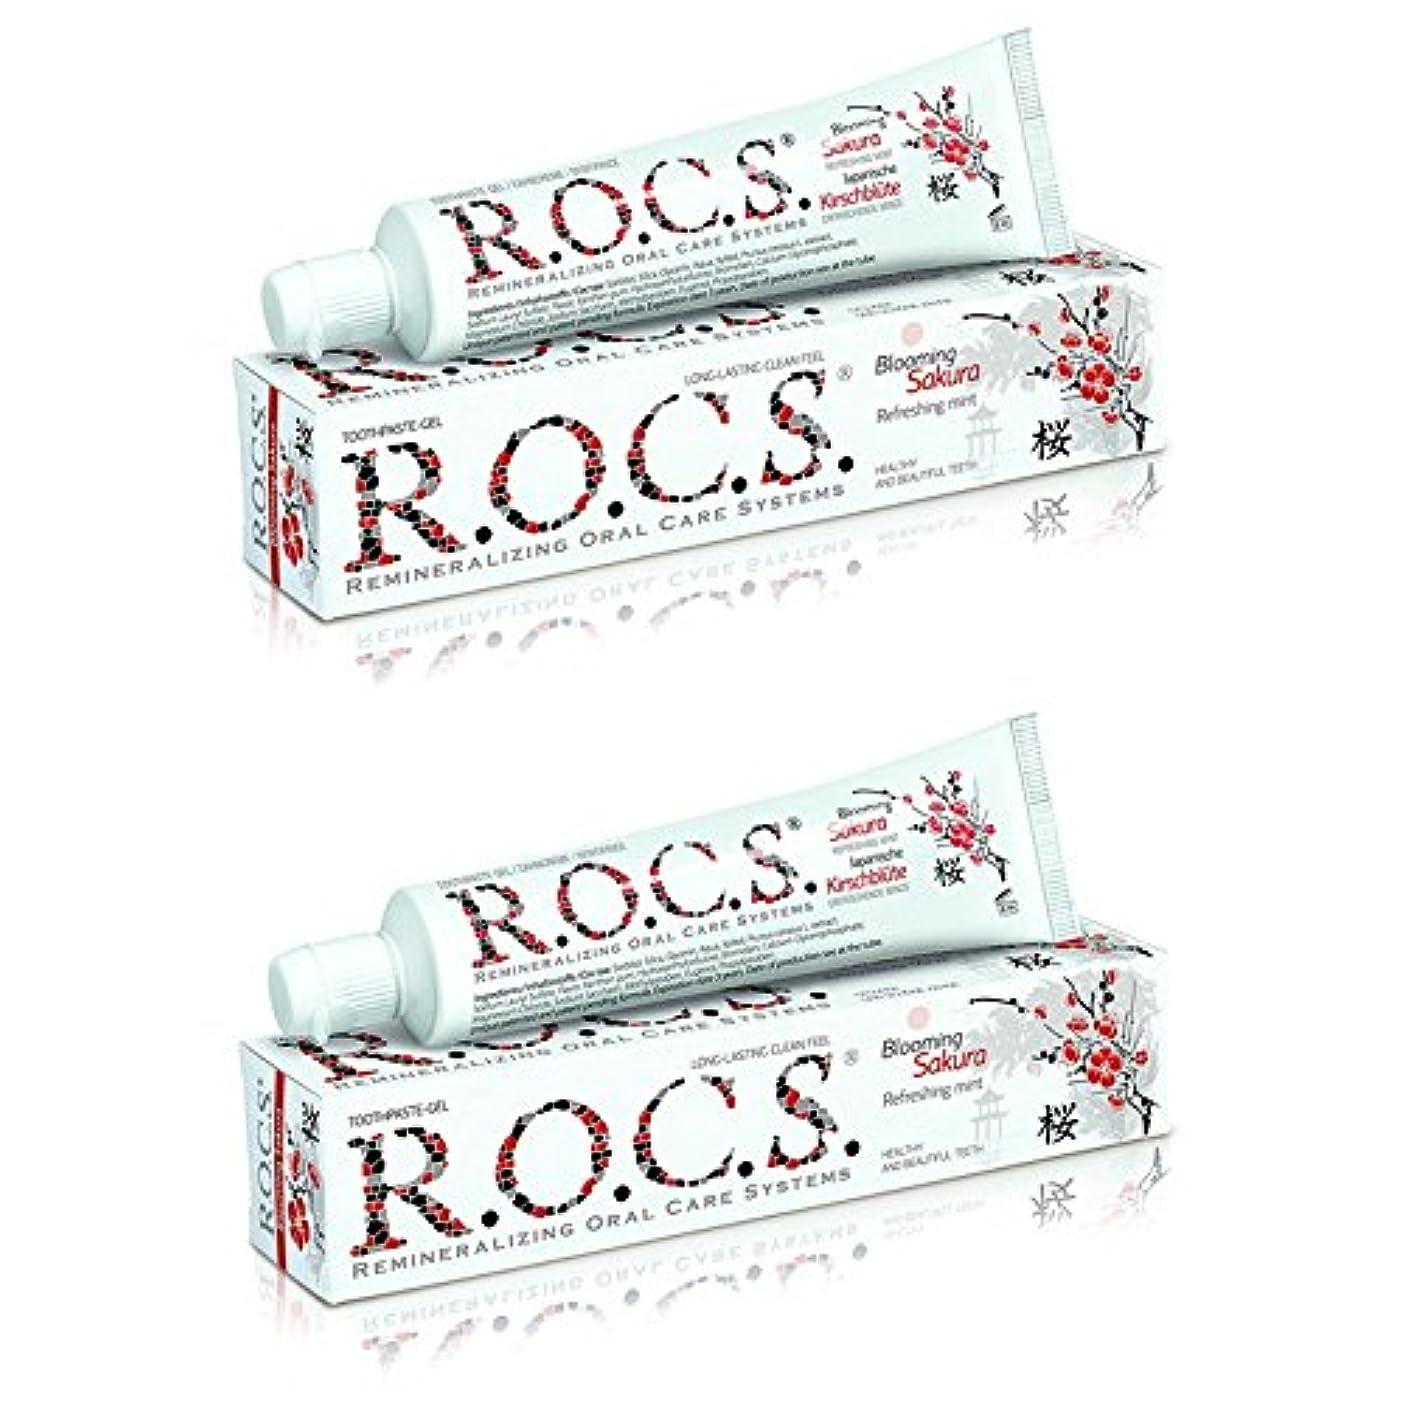 R.O.C.S. ロックス 歯磨き粉 ブルーミング サクラ BS (2箱セット)